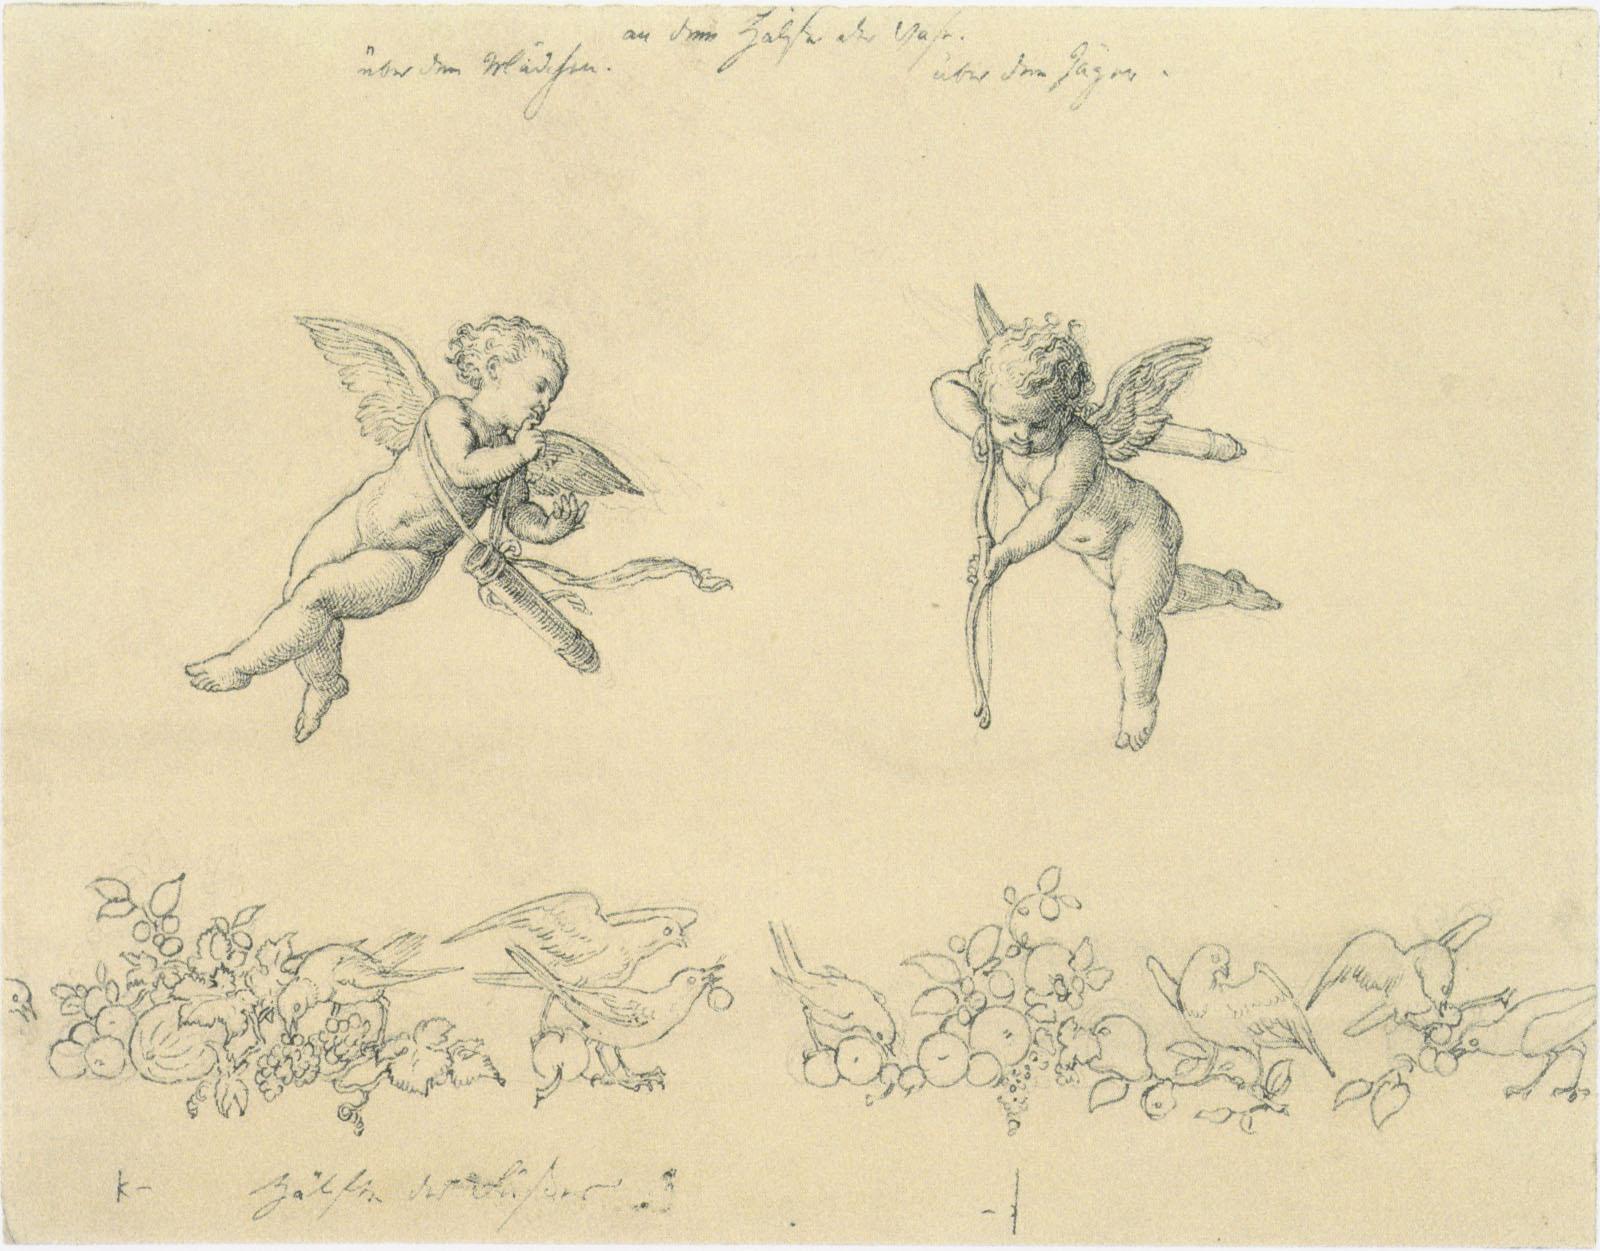 Julius Schnorr Von Carolsfeld Drawings by Julius Schnorr Von